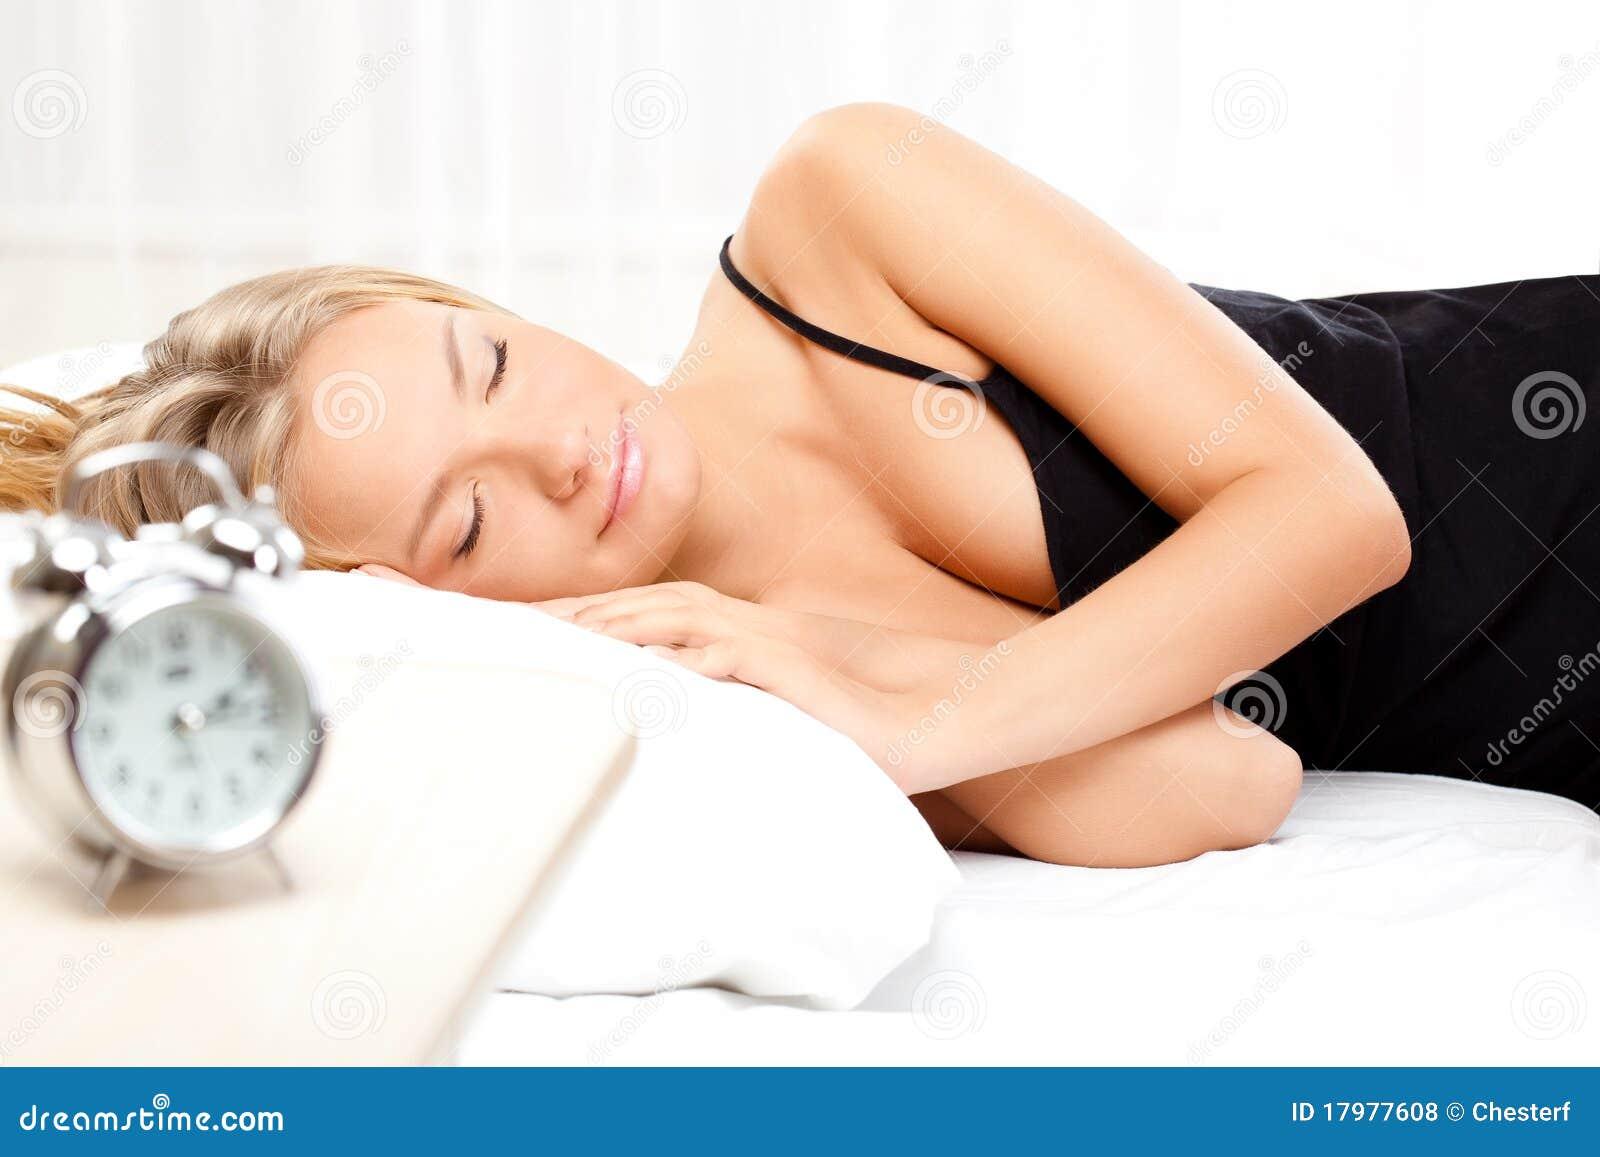 Спящие девушки под снотворным 23 фотография